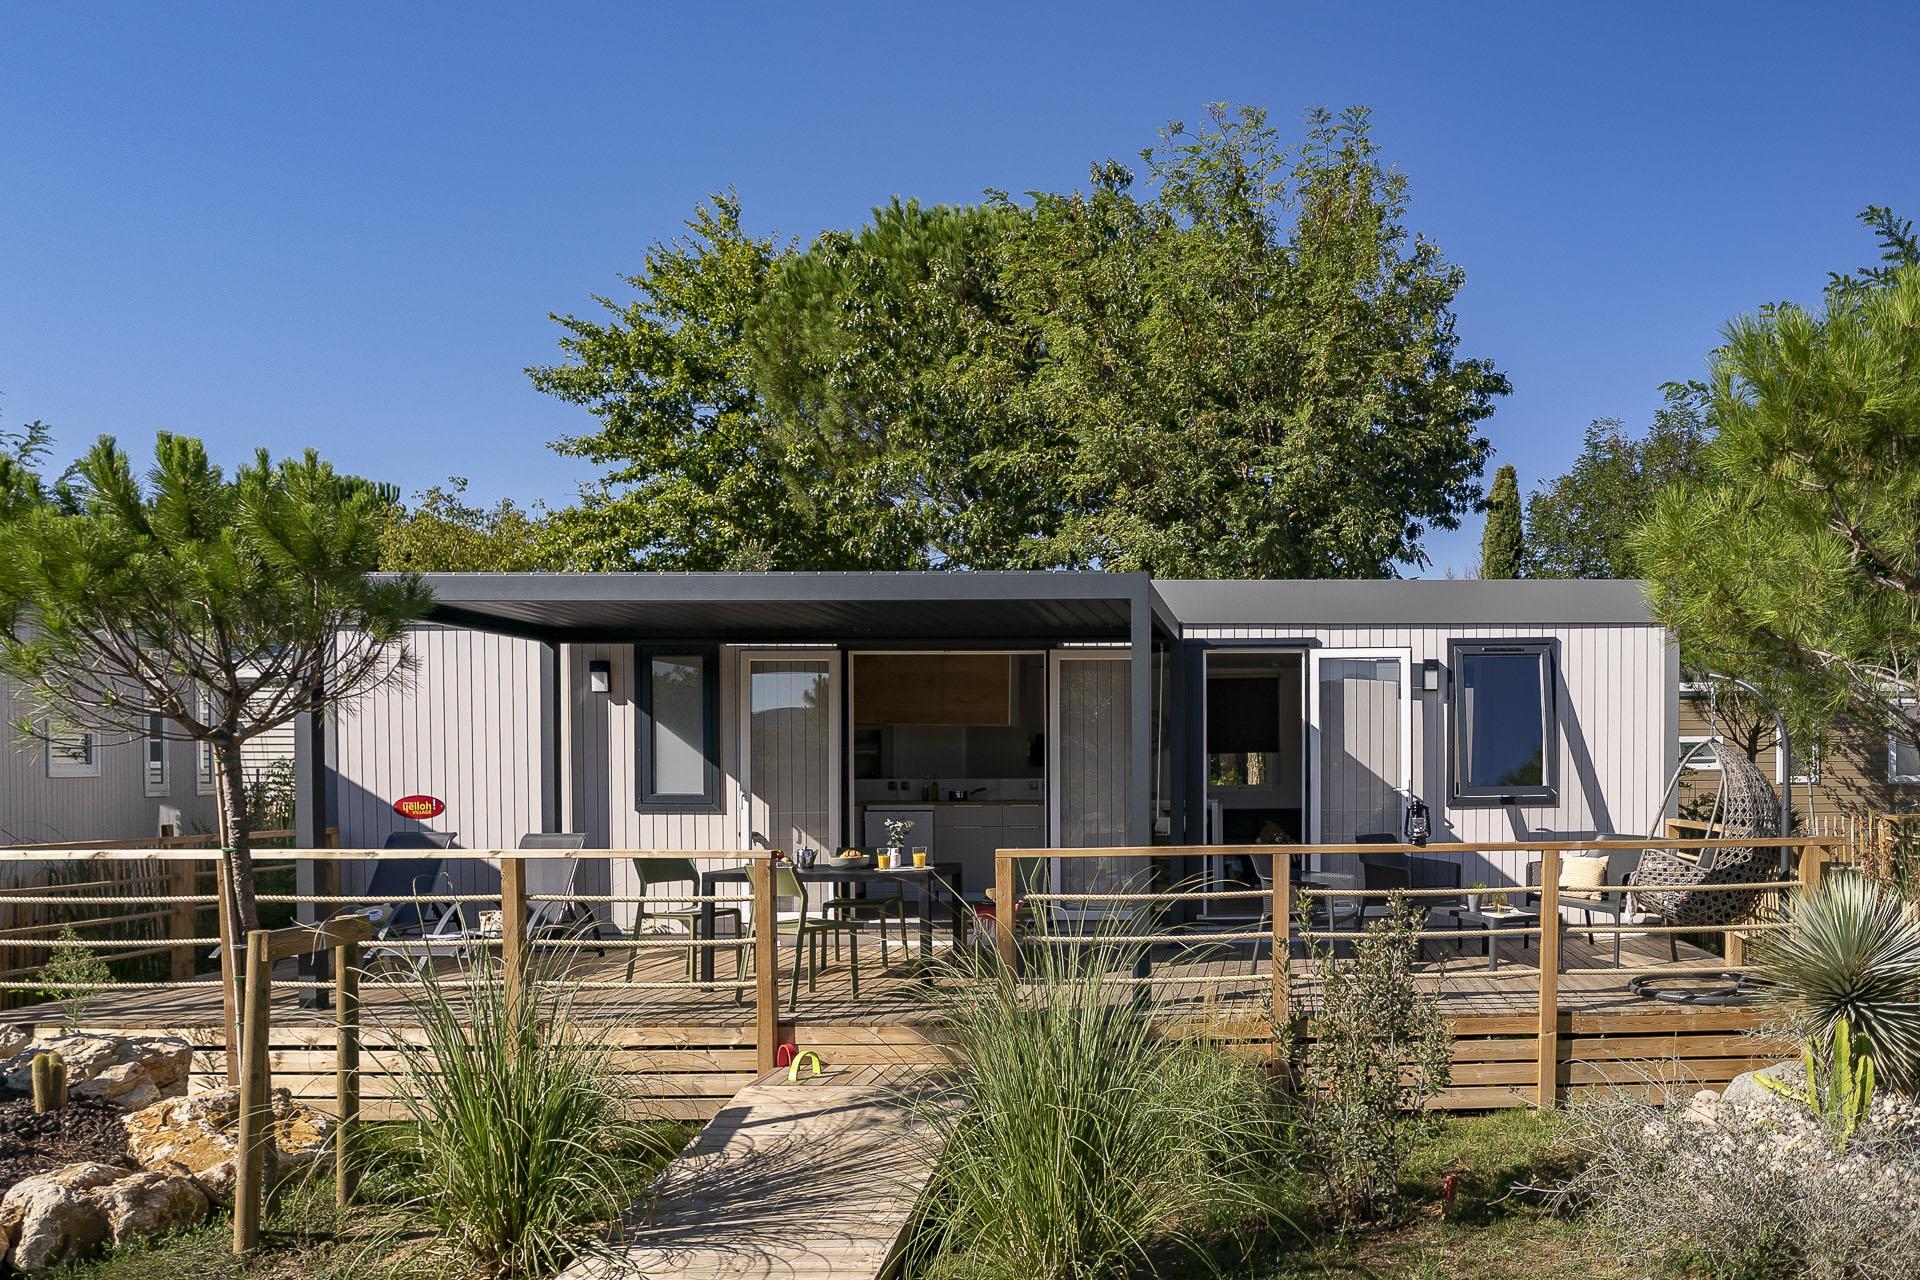 Location - Cottage Premium Arizona - 3 Chambres / 2 Salles De Bain - Terrasse - Climatisé - Yelloh! Village Soleil Vivarais